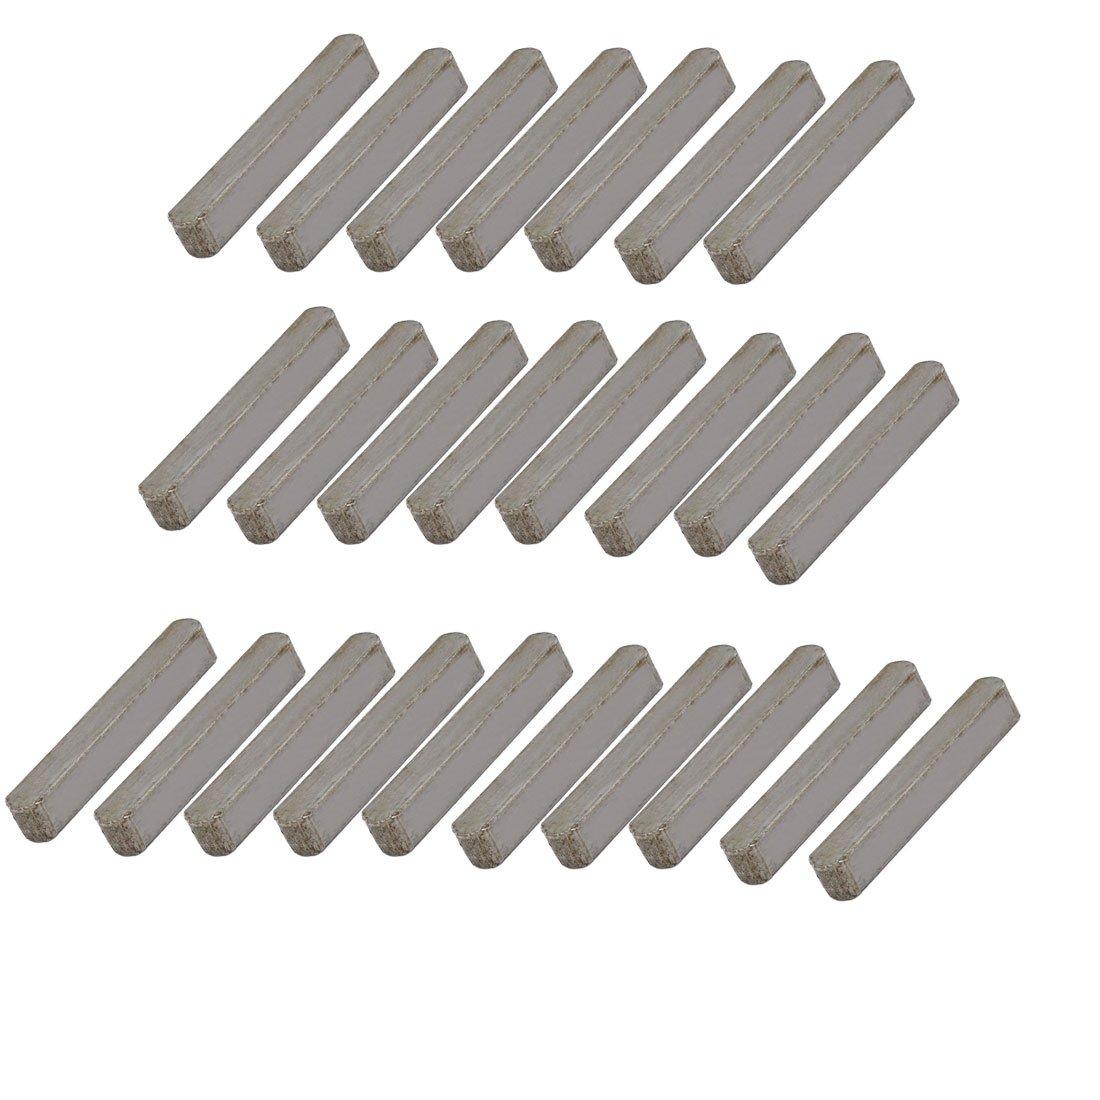 sourcing map 32mmx5mmx5mm acier carbone clé droite Stock clavette barre gris 25 pcs